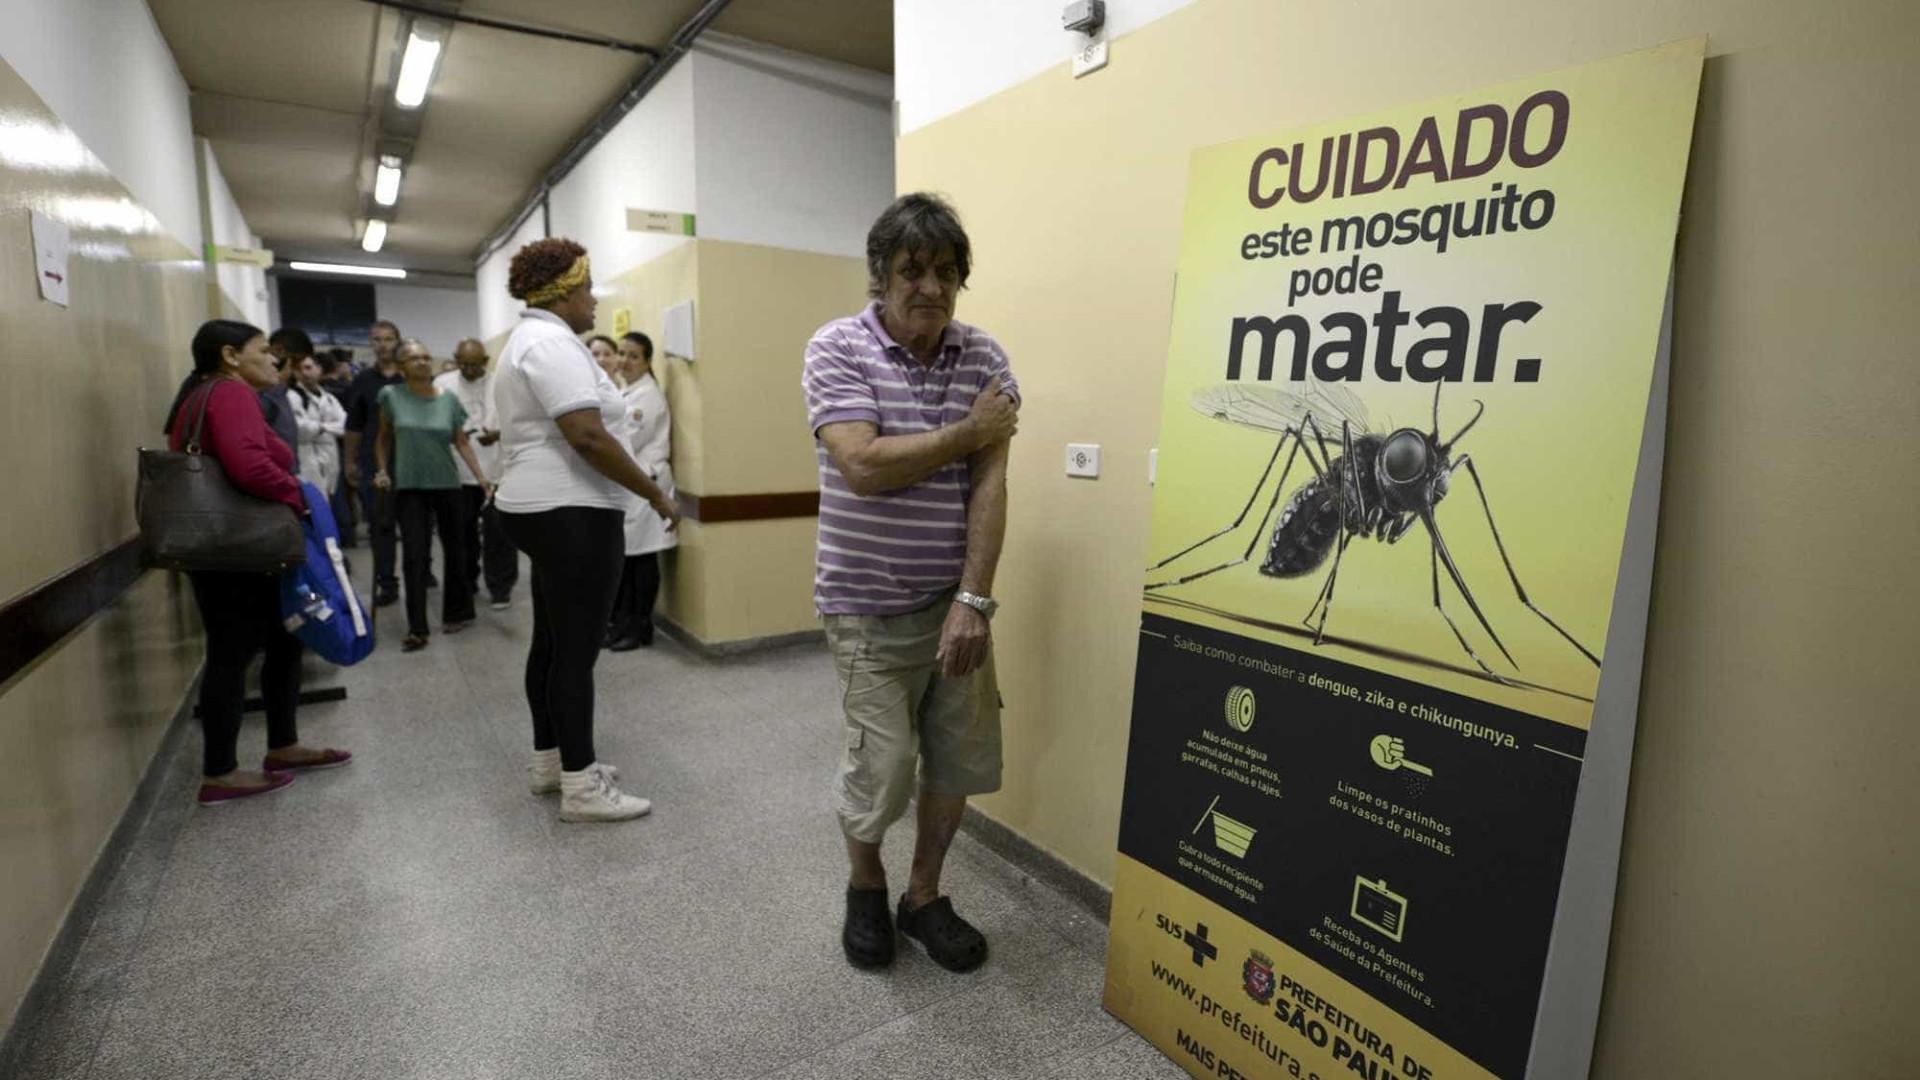 Mitos e verdades sobre o surto de febre amarela no Brasil